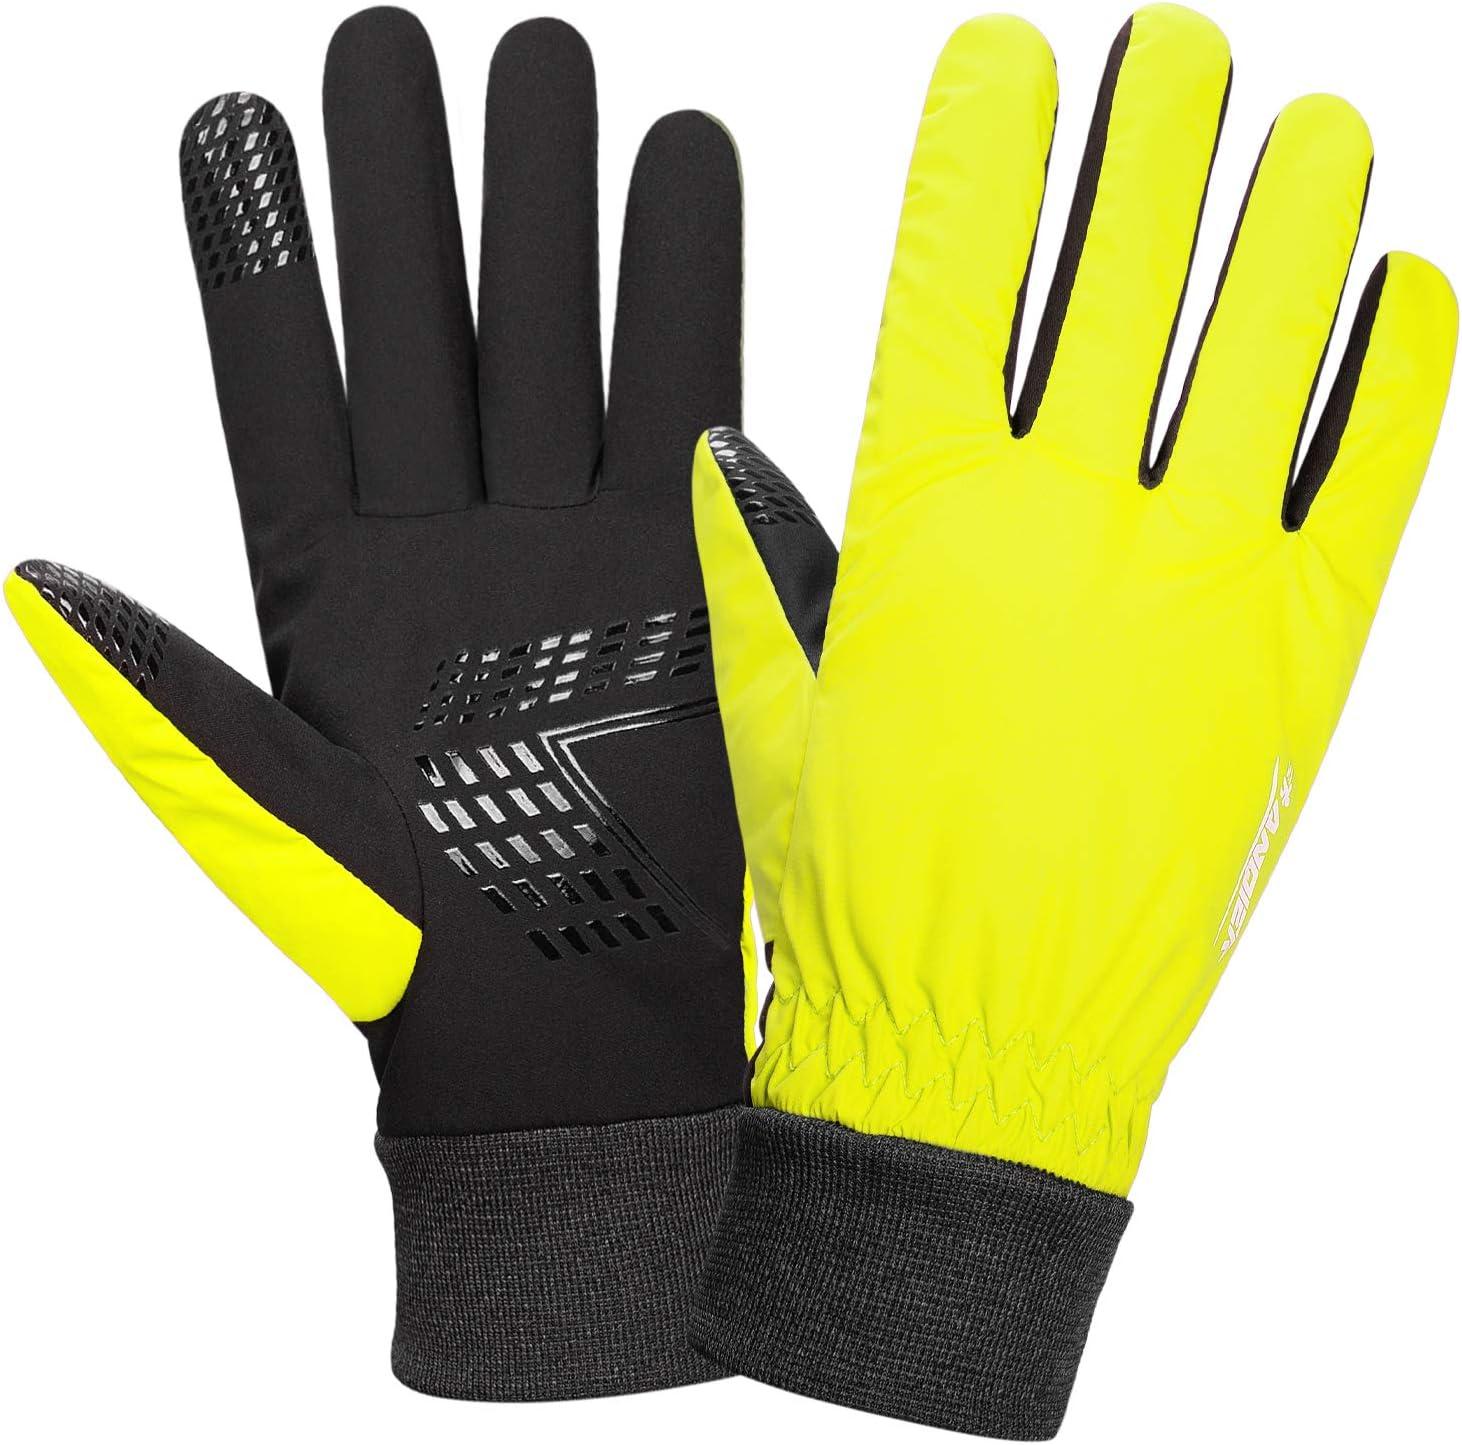 meilleur gant chauffant pour le ski Anquier